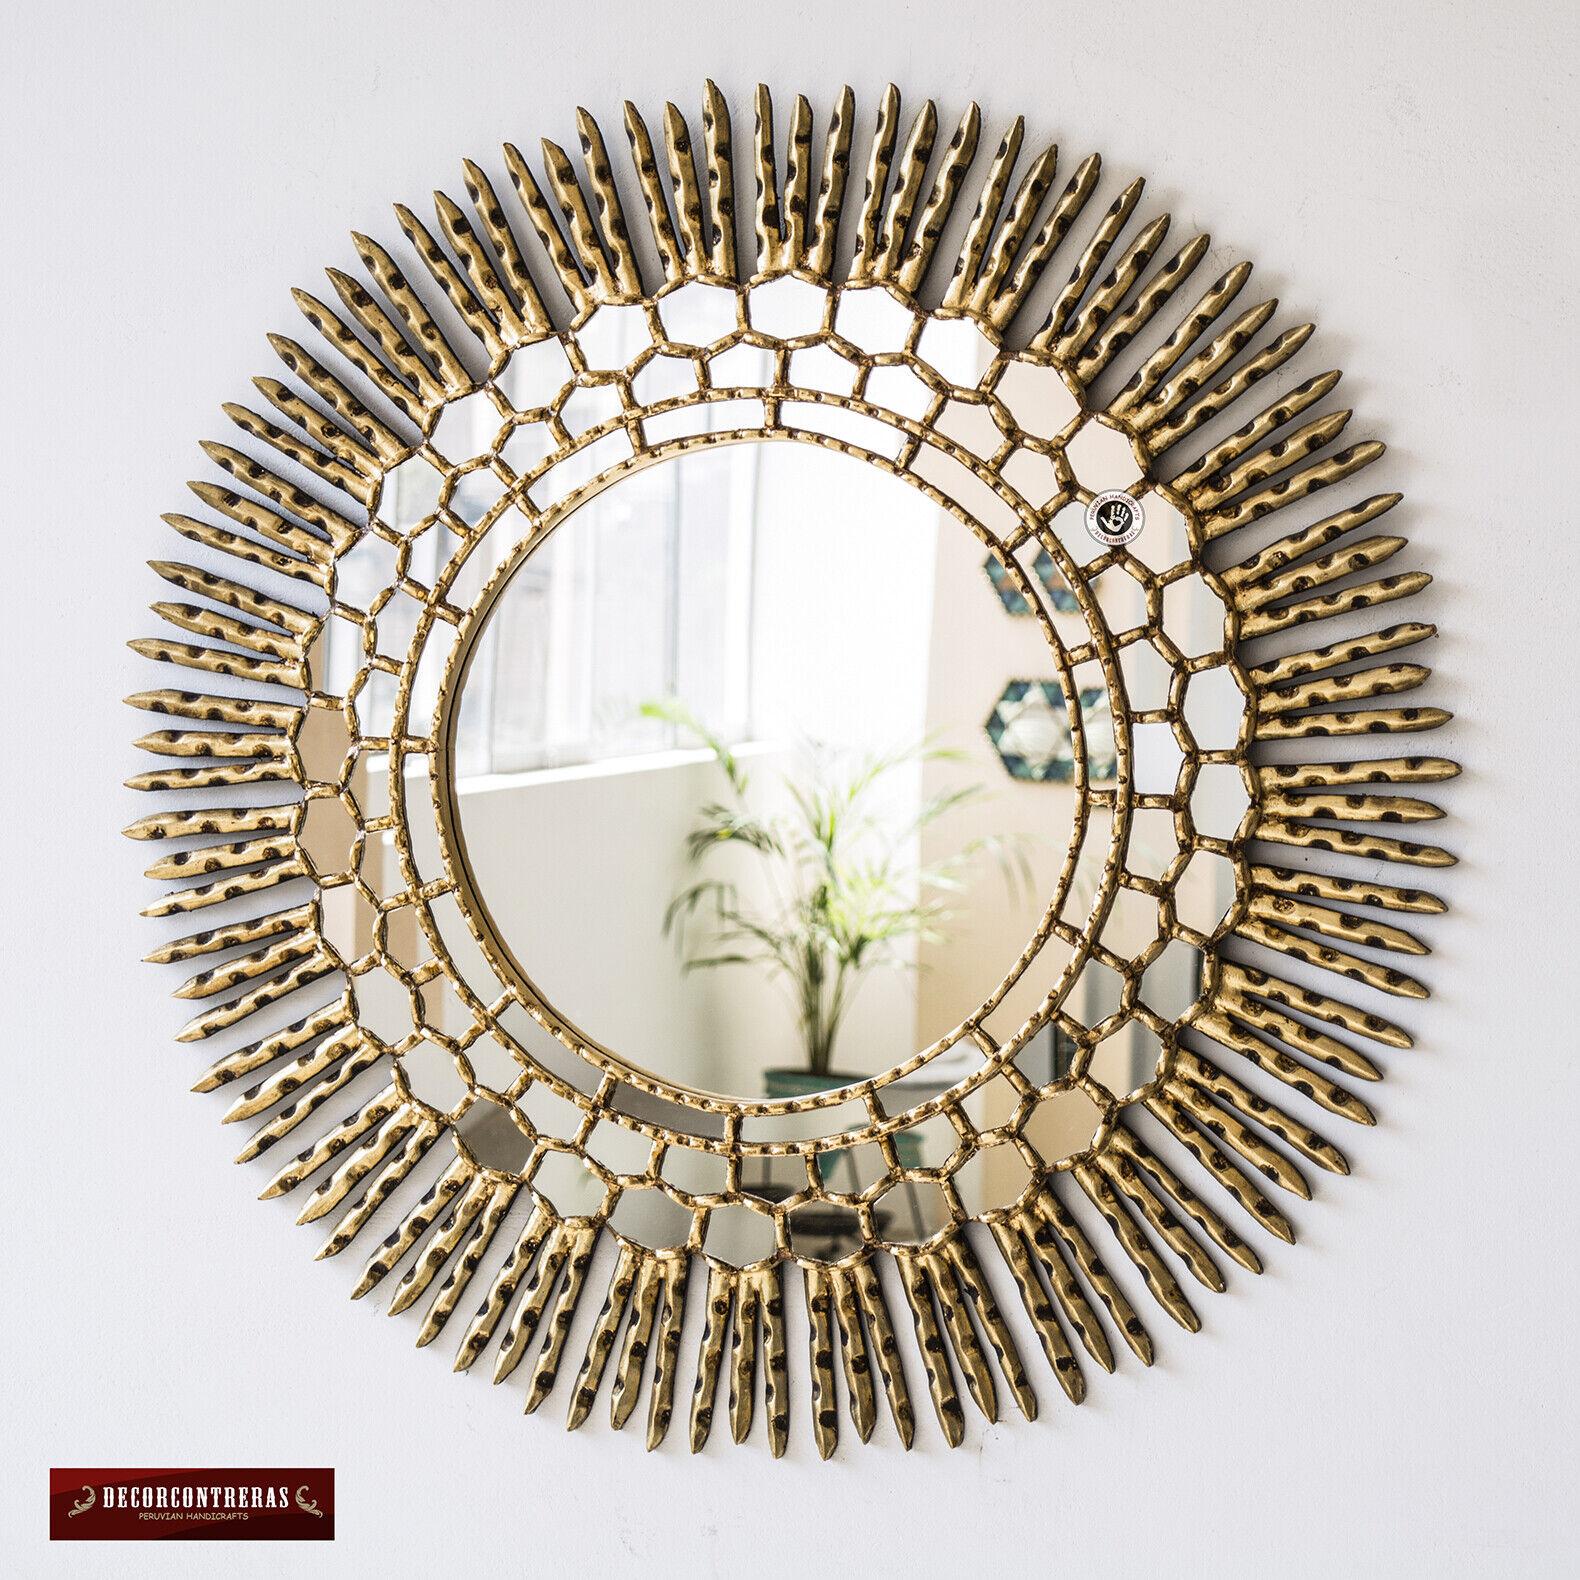 Large Decorative sunburst Mirror from Peru - Handcarved Gold Round Mirror 30